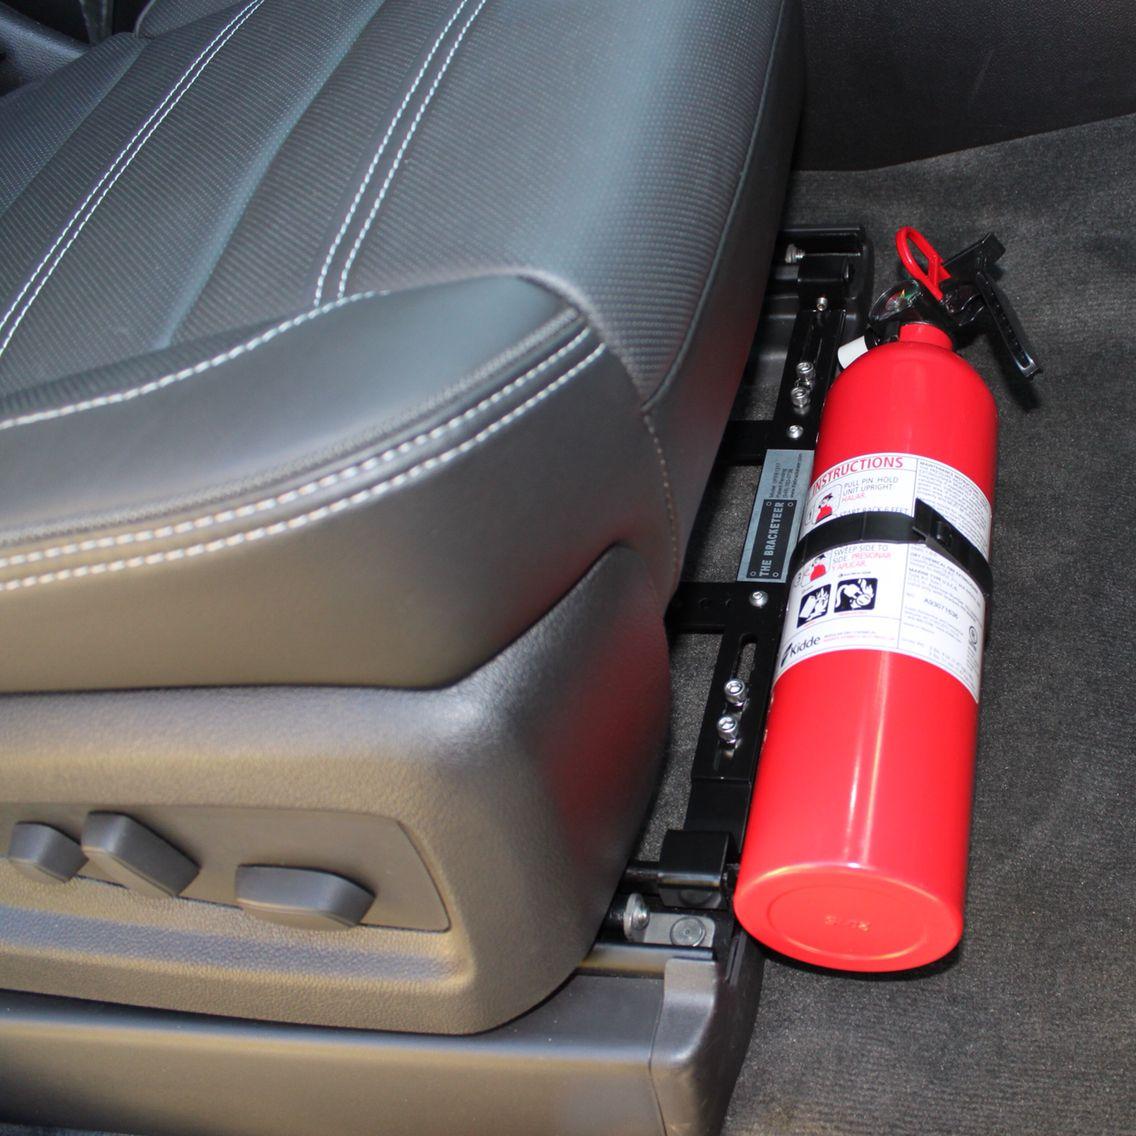 Image result for car extinguisher